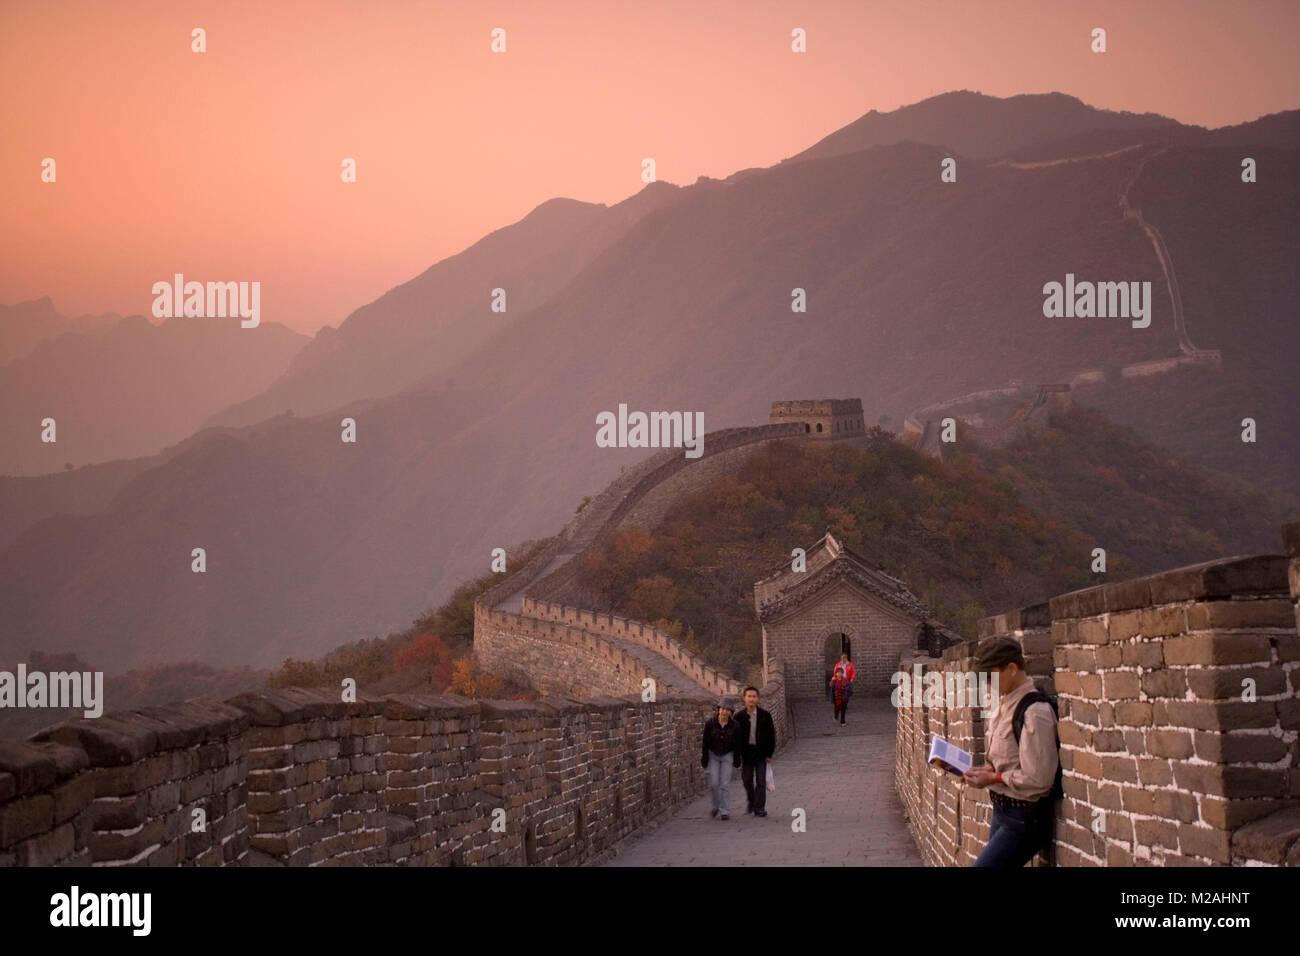 Cina. Mutianyu, nei pressi di Pechino. Il Grande Muro. UNESCO - Sito Patrimonio dell'umanità. I turisti. Immagini Stock